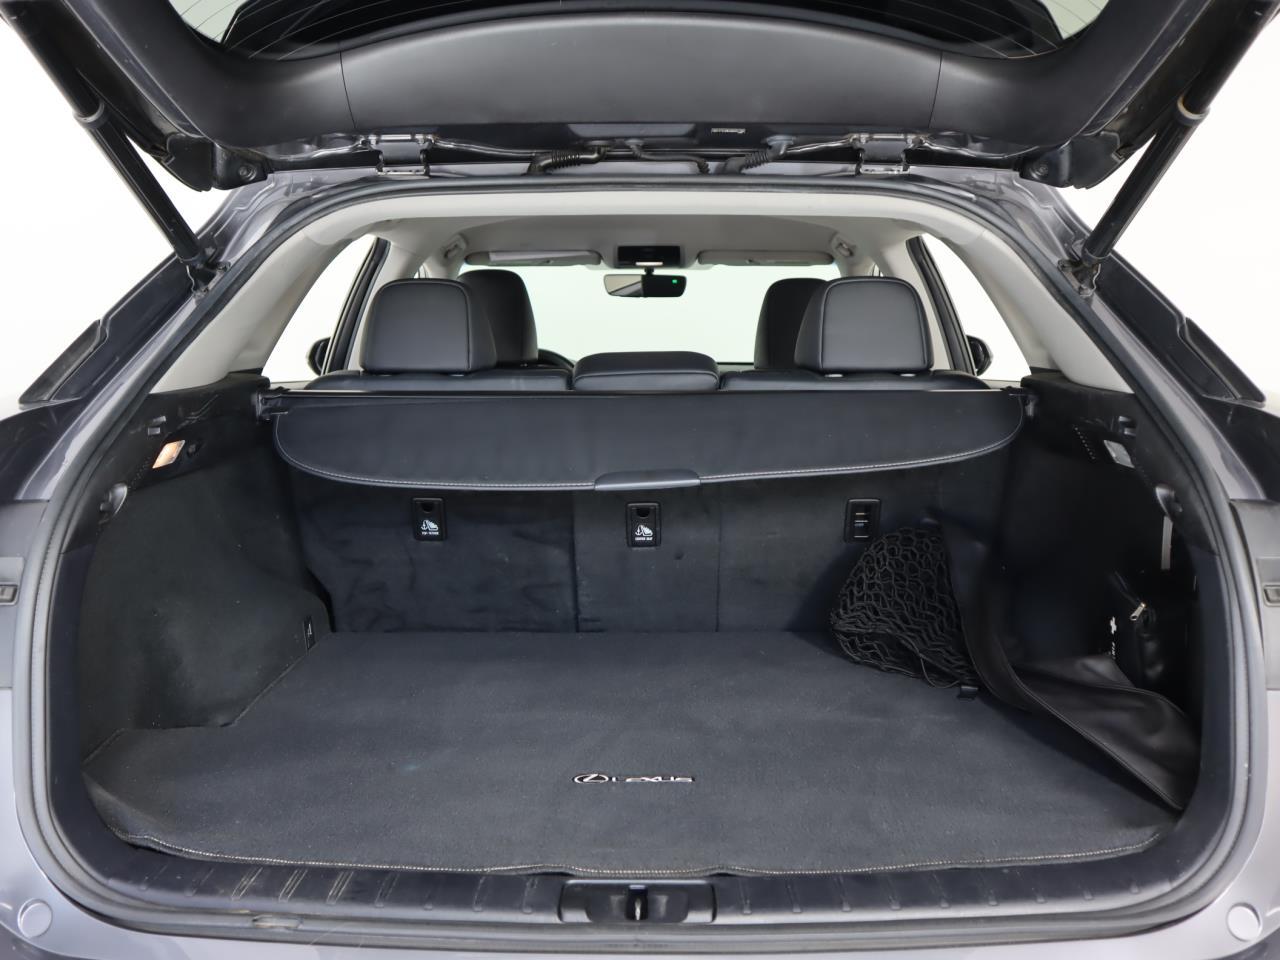 used vehicle - SUV LEXUS RX 350 2016